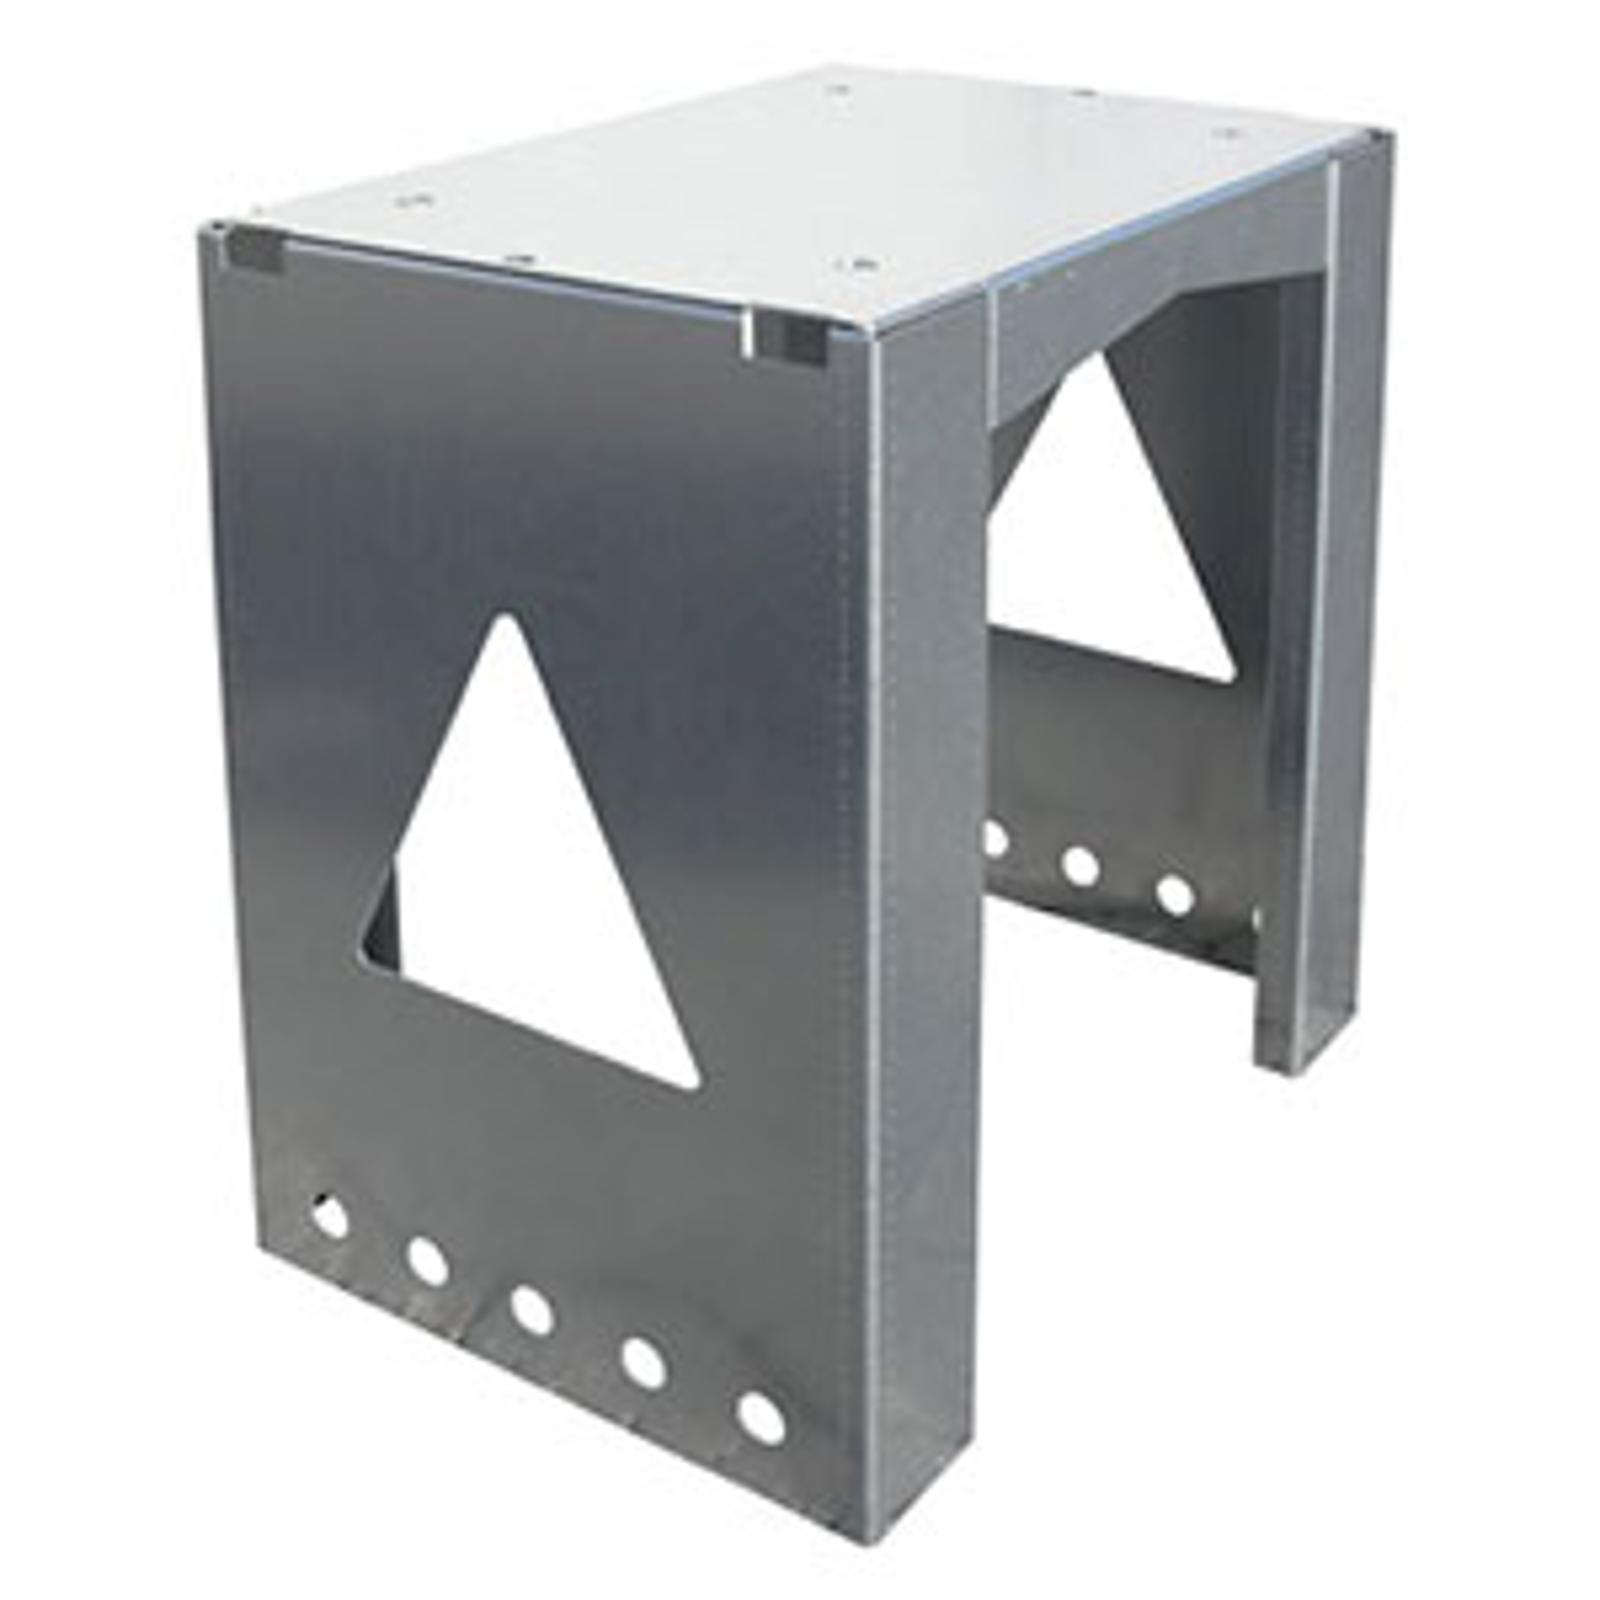 Soporte universal Stand 8002 Brk.-Ständer acero